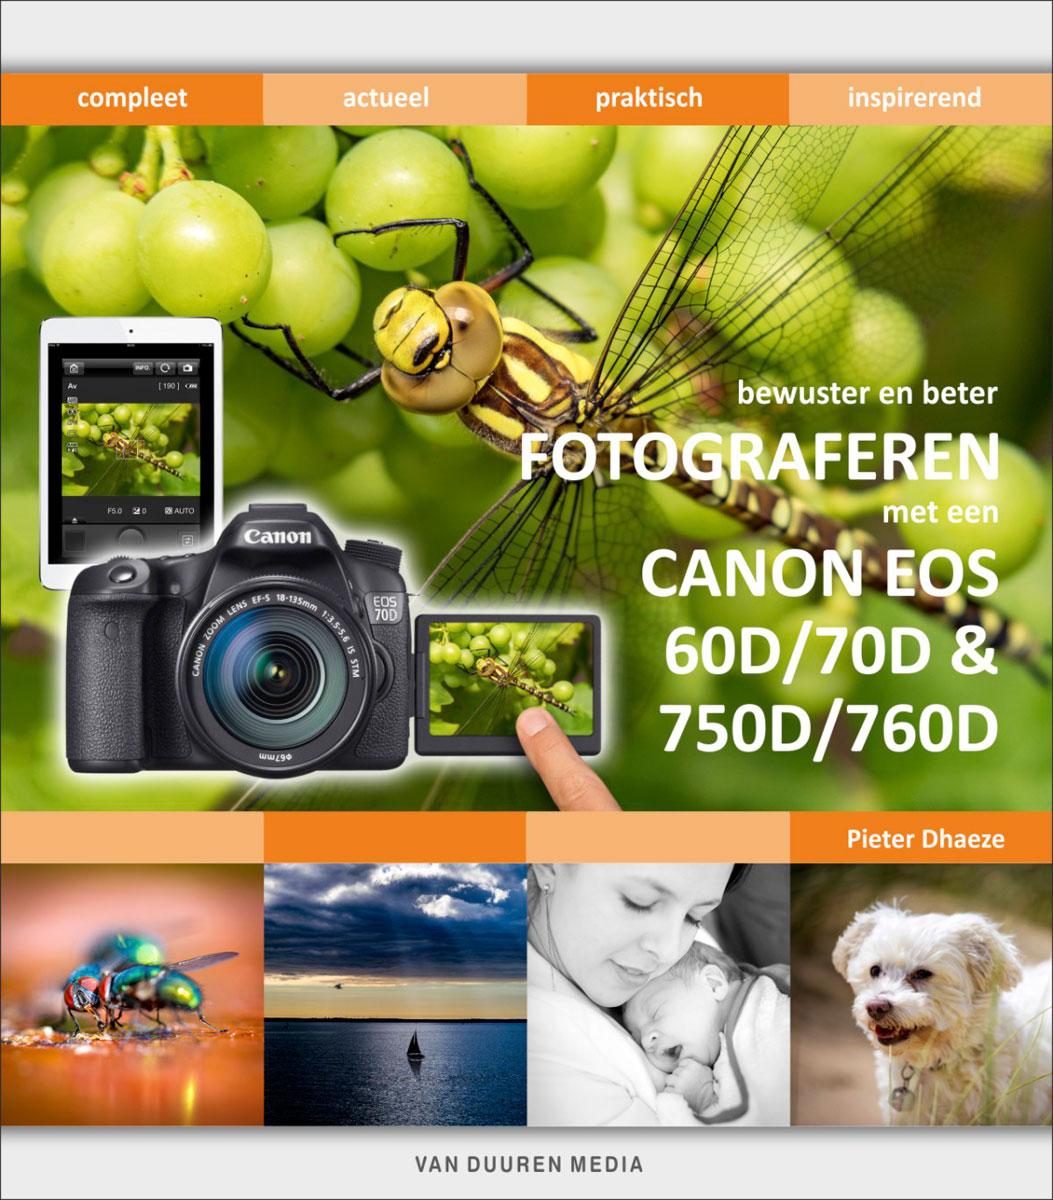 coverfoto Bewuster en beter fotograferen met de Canon EOS 60D/70D & 750D/760D